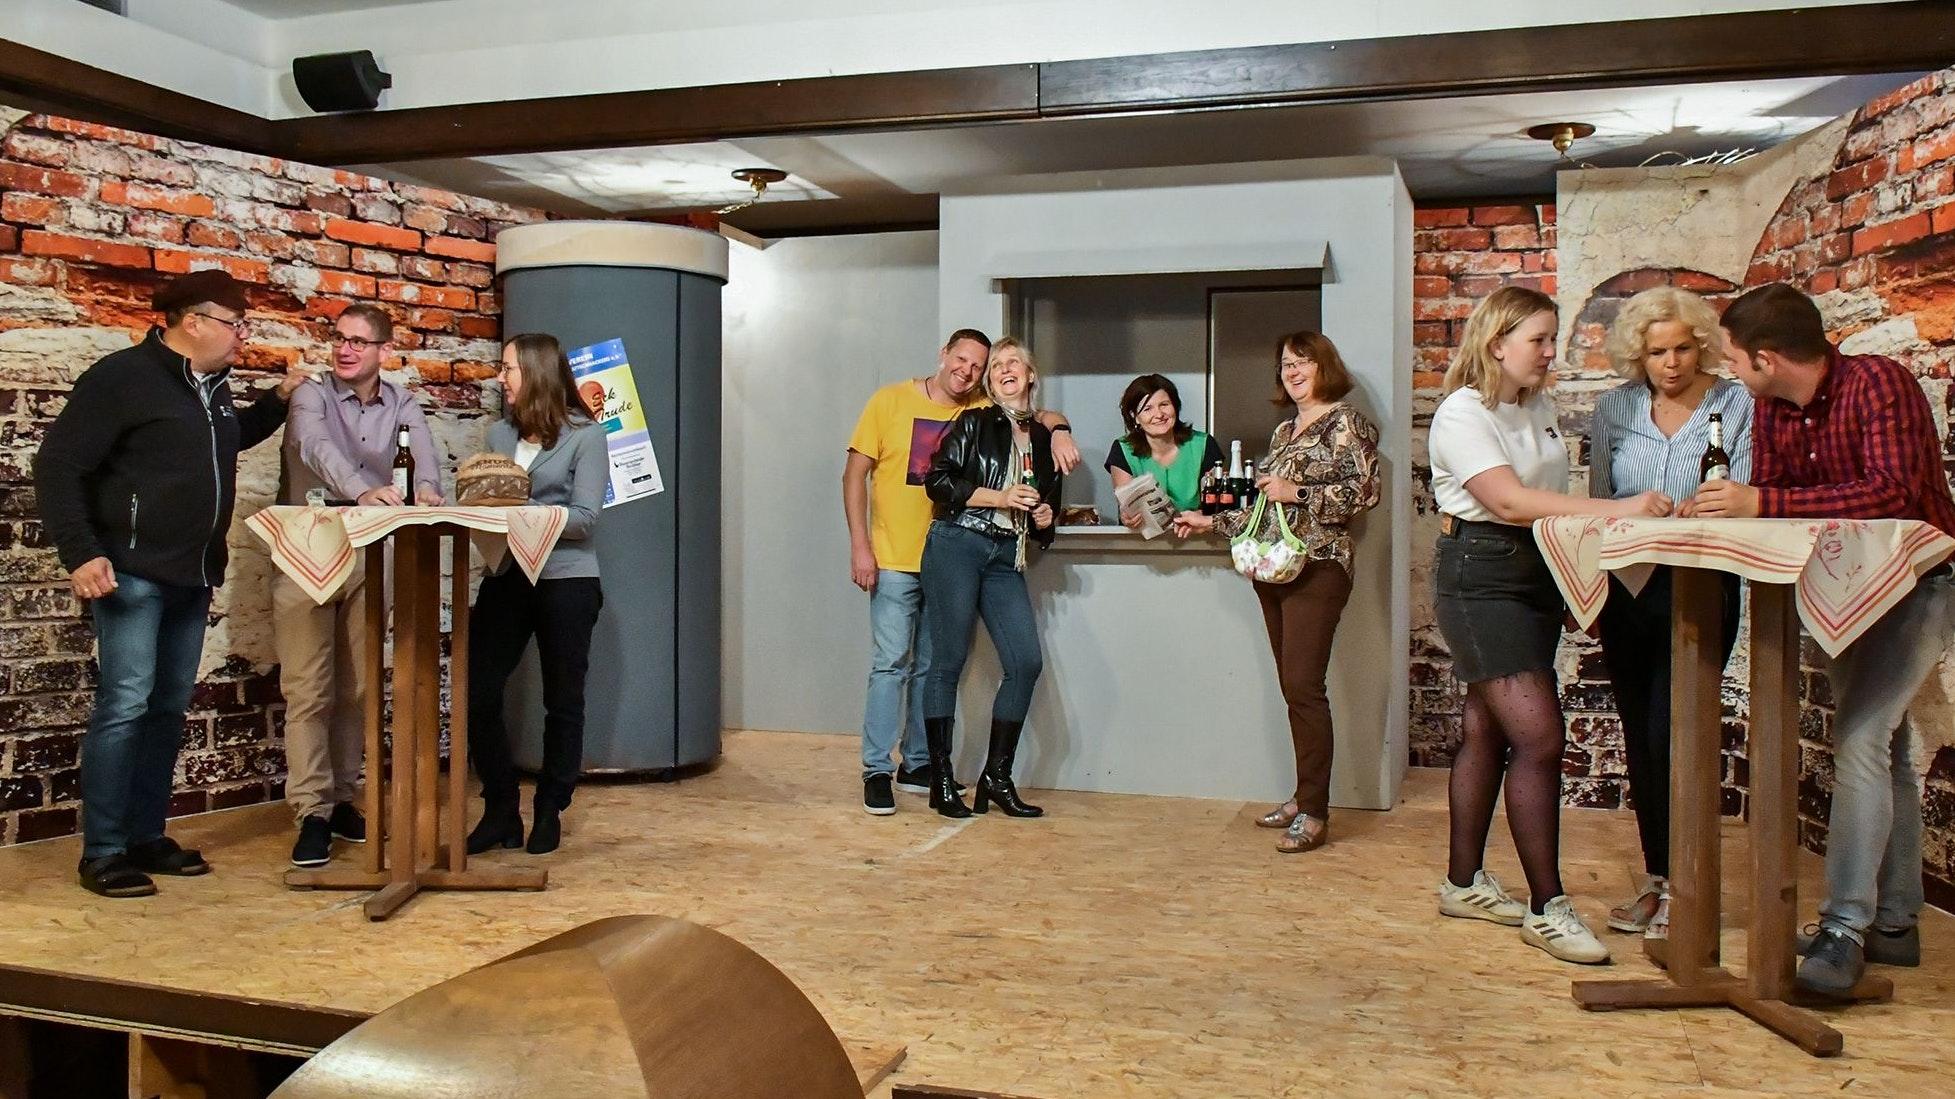 """Zu lachen gibt es für die """"Trudianer"""" kaum etwas, zu groß sind die Spannungen im Kitz. Die gute Laune aber lassen sie sich nicht verderben, von links: Harald Kutscher (Dirk gr. Schlarmann), Benni Mack (Jan-Bernd Echtermann), Nele Krämer (Gaby Holzenkamp), Manni """"dat Mess"""" Mack (Rene Osterhues), Lola (Martina gr. Schlarmann), Trude Krämer (Michaela Völkerding), Ria Ratsch (Heike Weddehage), Jana Schön (Theresa Kenkel), Erna Willmer (Marion Westermann) und Arnold Macher (Daniel von Handorff). Foto: Vollmer"""